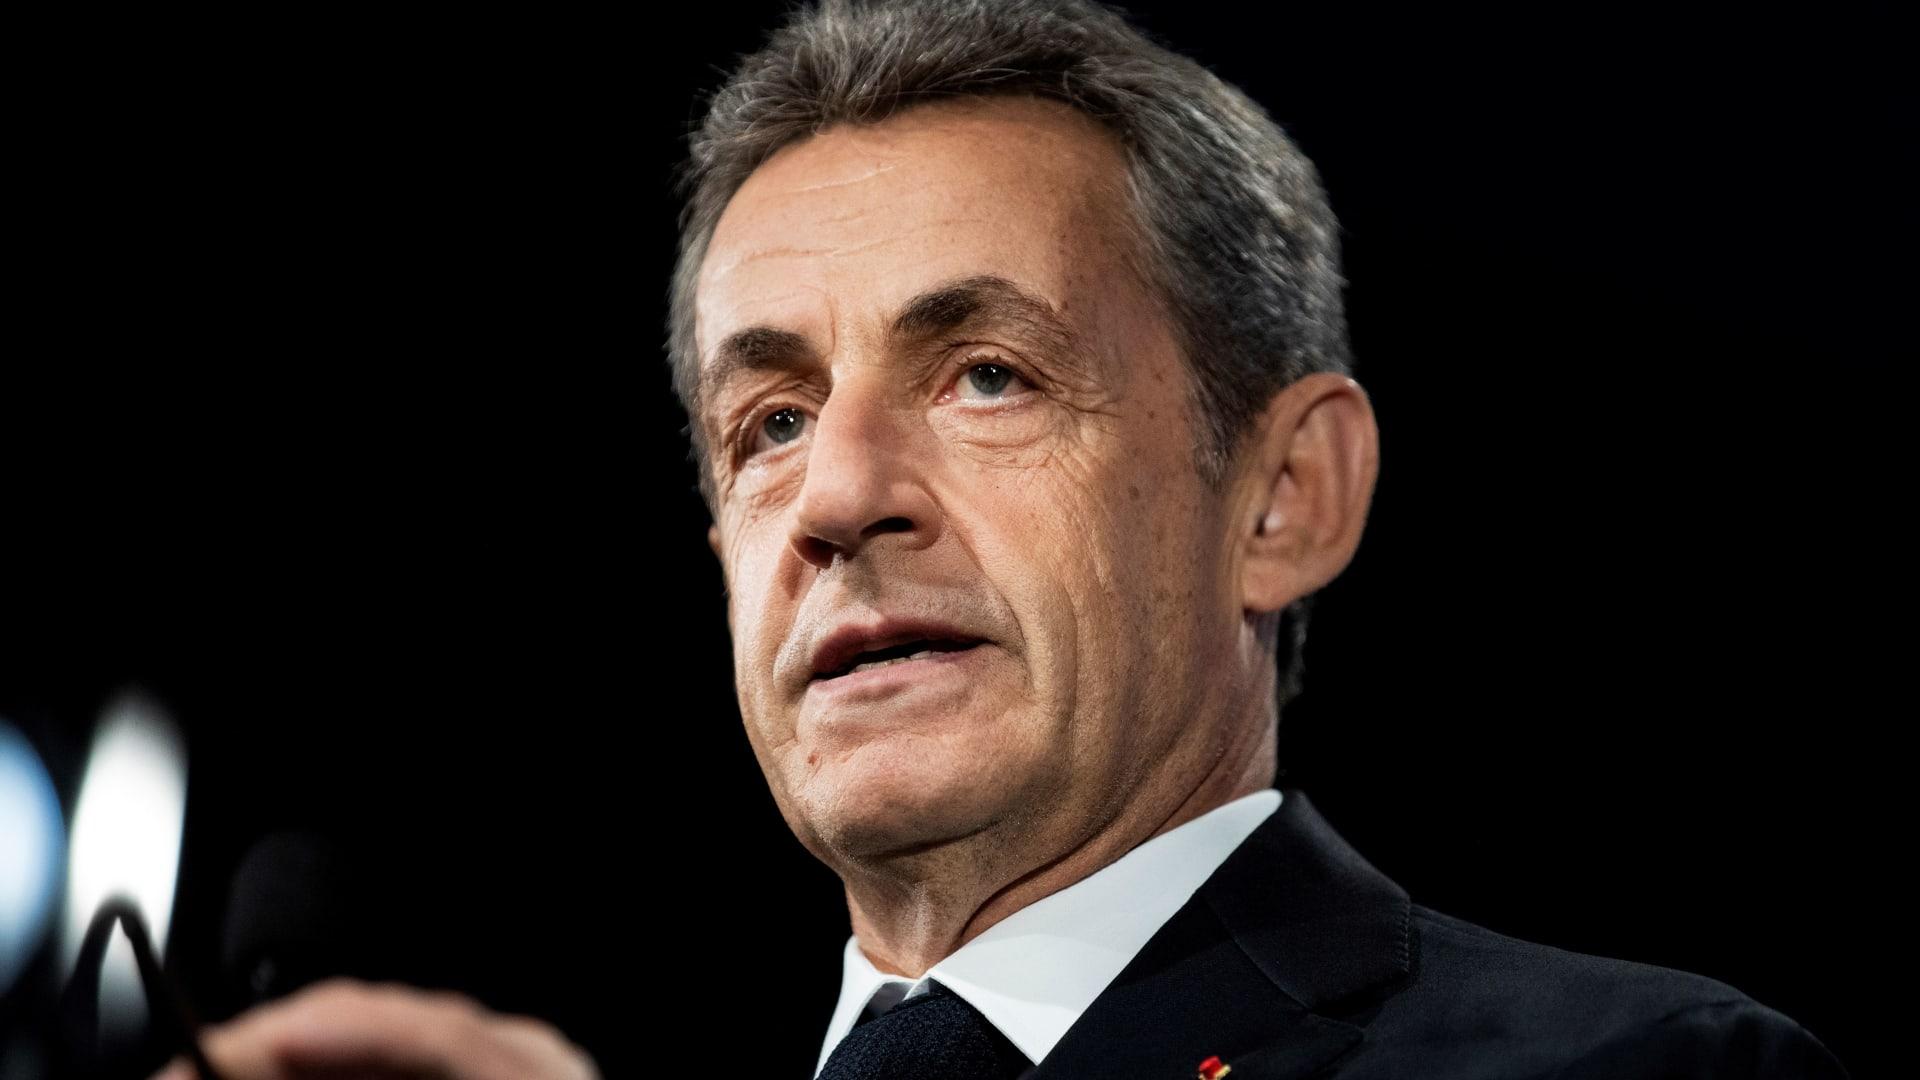 لأول مرة في تاريخ فرنسا الحديث.. الحكم على ساركوزي بالسجن لمدة 3 سنوات